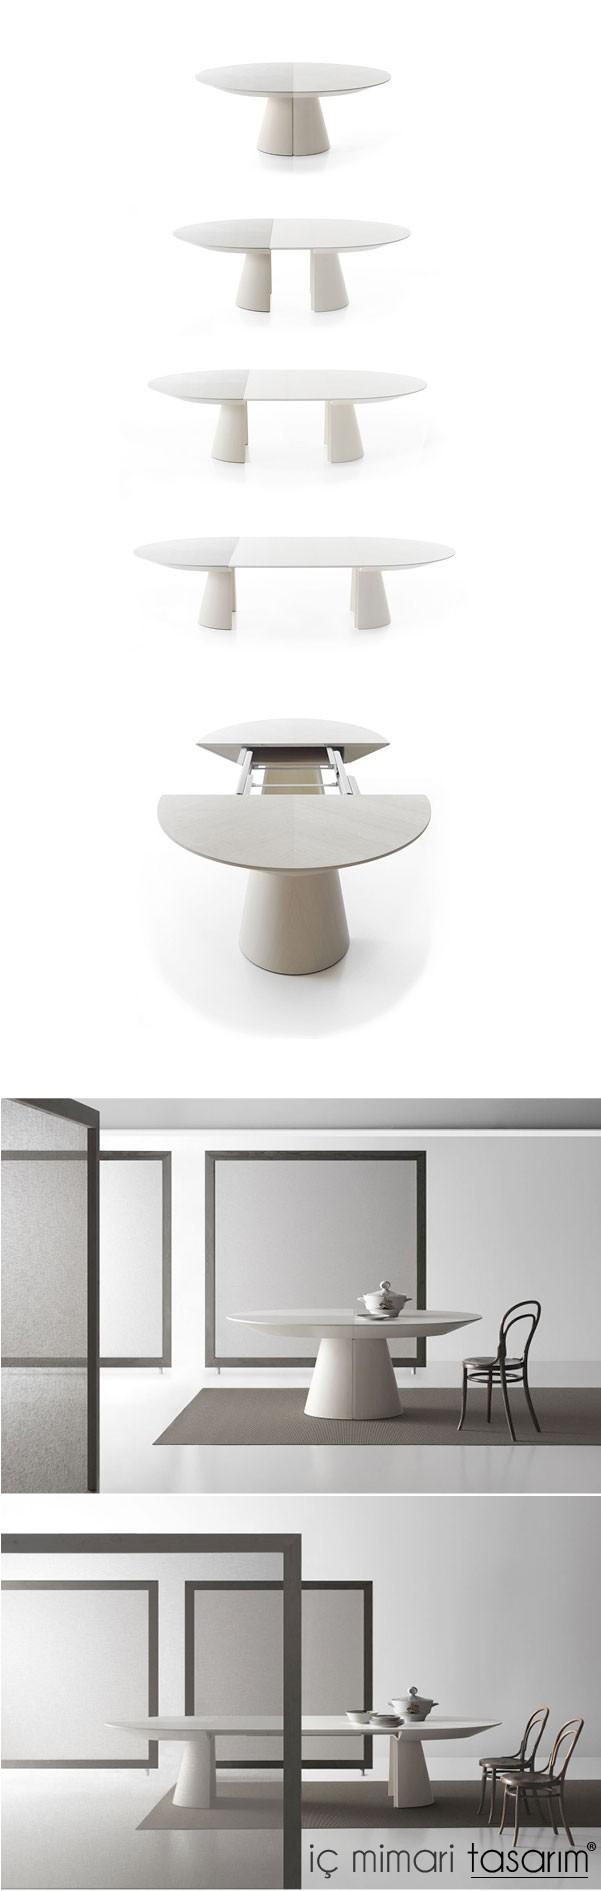 muhteşem-açılır-kapanır-masa-tasarımları (12)